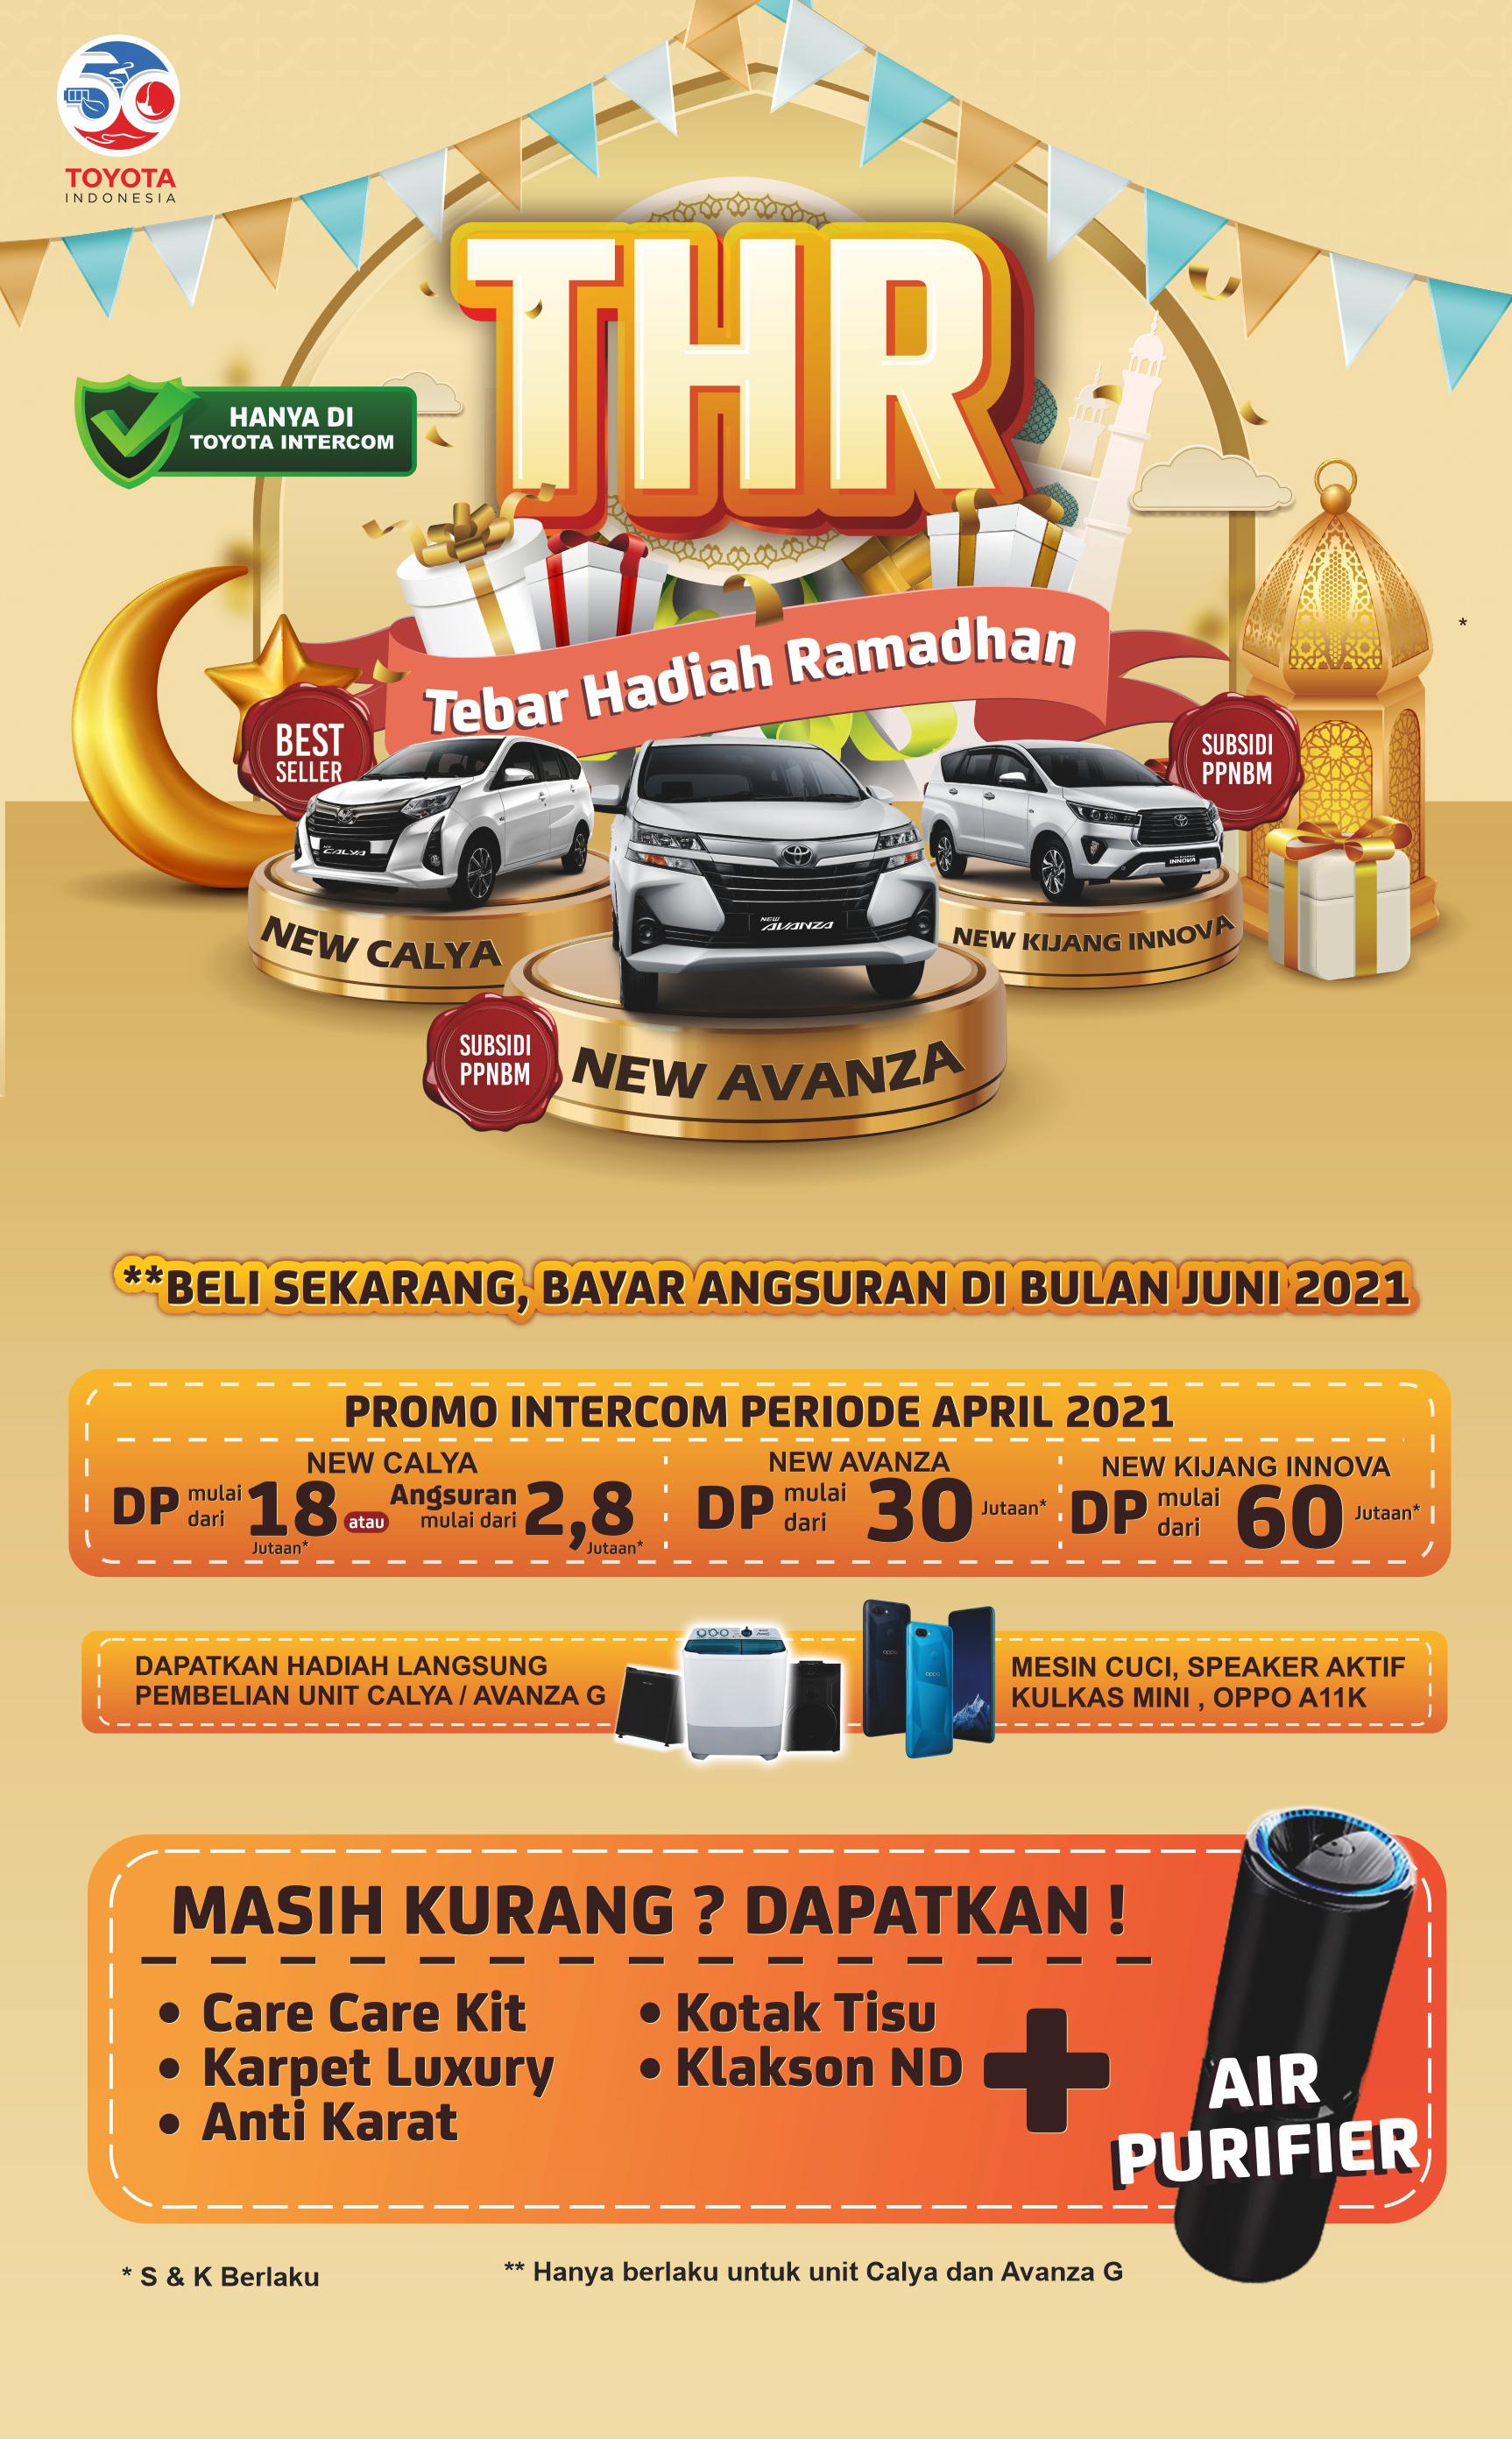 Promo Toyota Tebar Hadiah Ramadhan